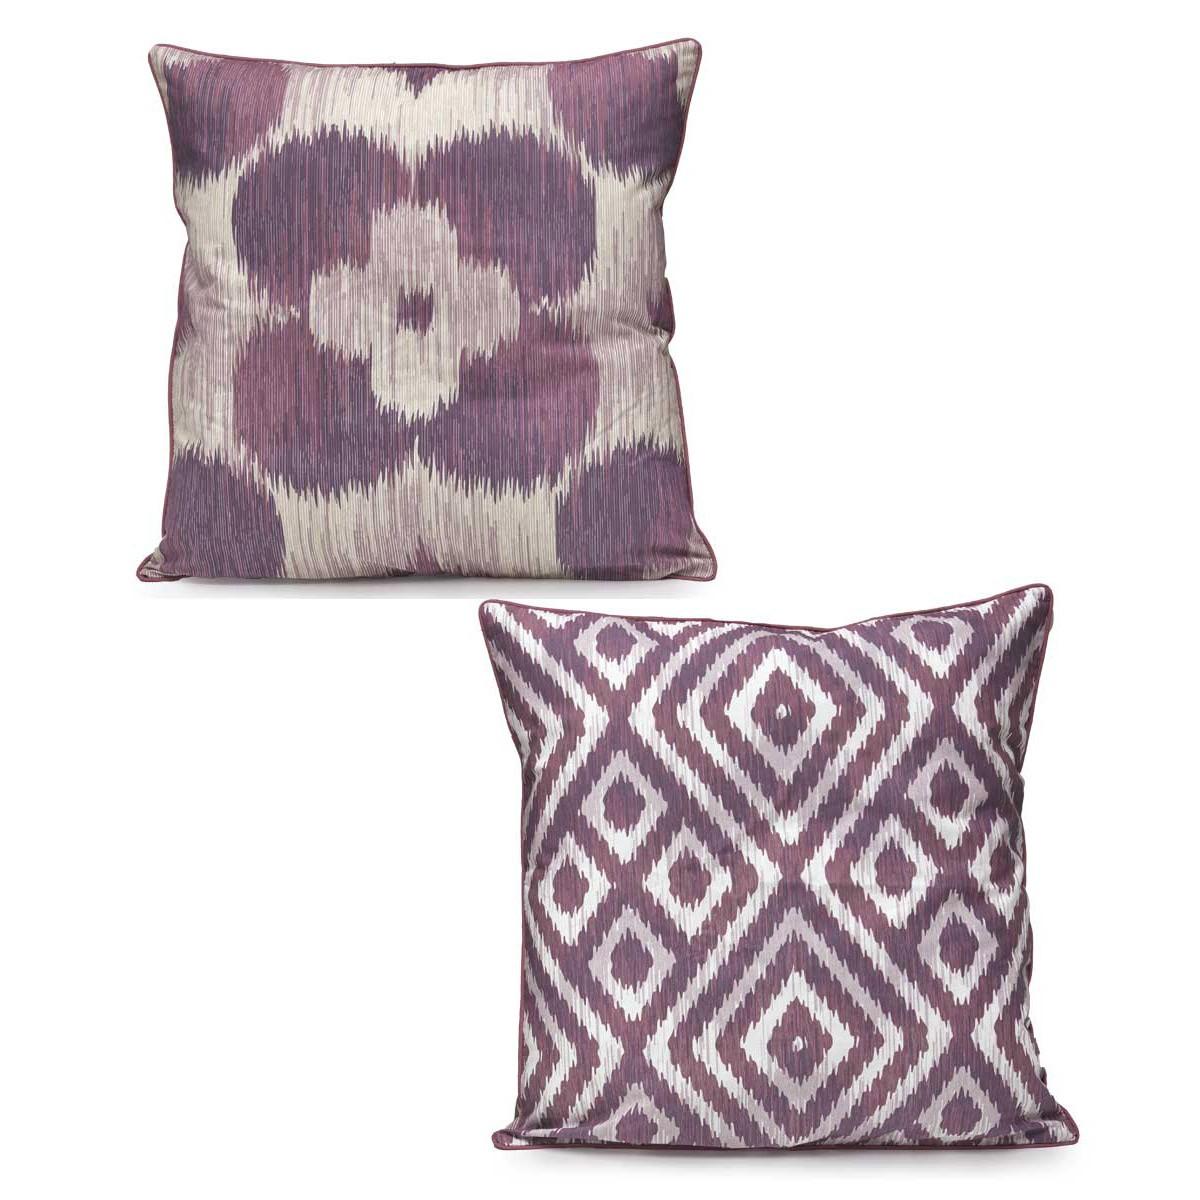 Διακοσμητική Μαξιλαροθήκη 2 Όψεων Kentia Loft 1405 home   κρεβατοκάμαρα   διακοσμητικά μαξιλάρια